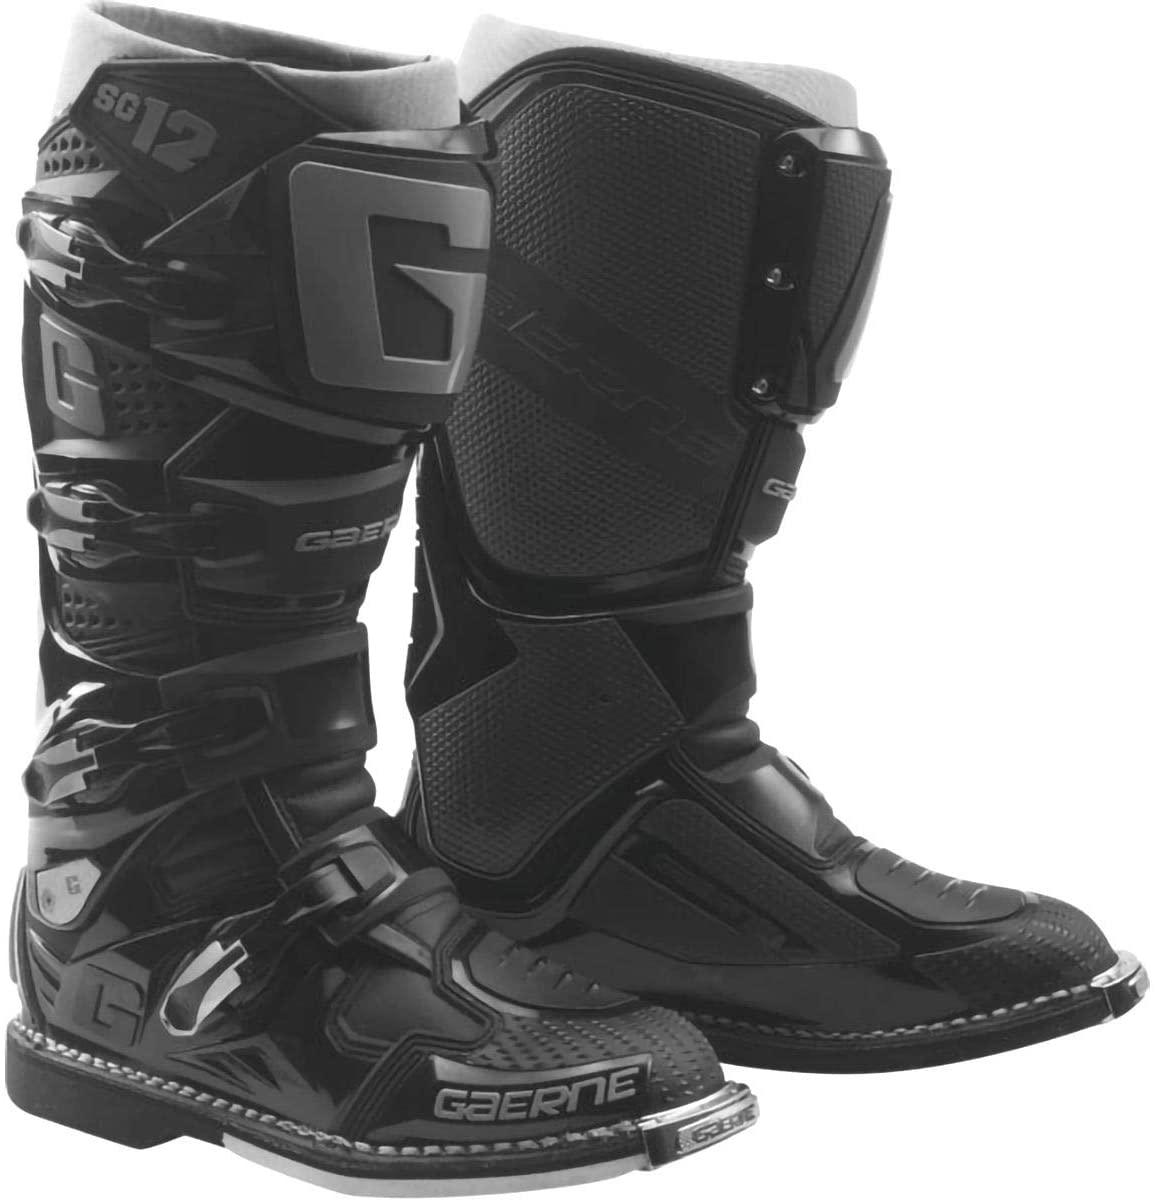 Gaerne SG-12 Boots-Black/Grey-12